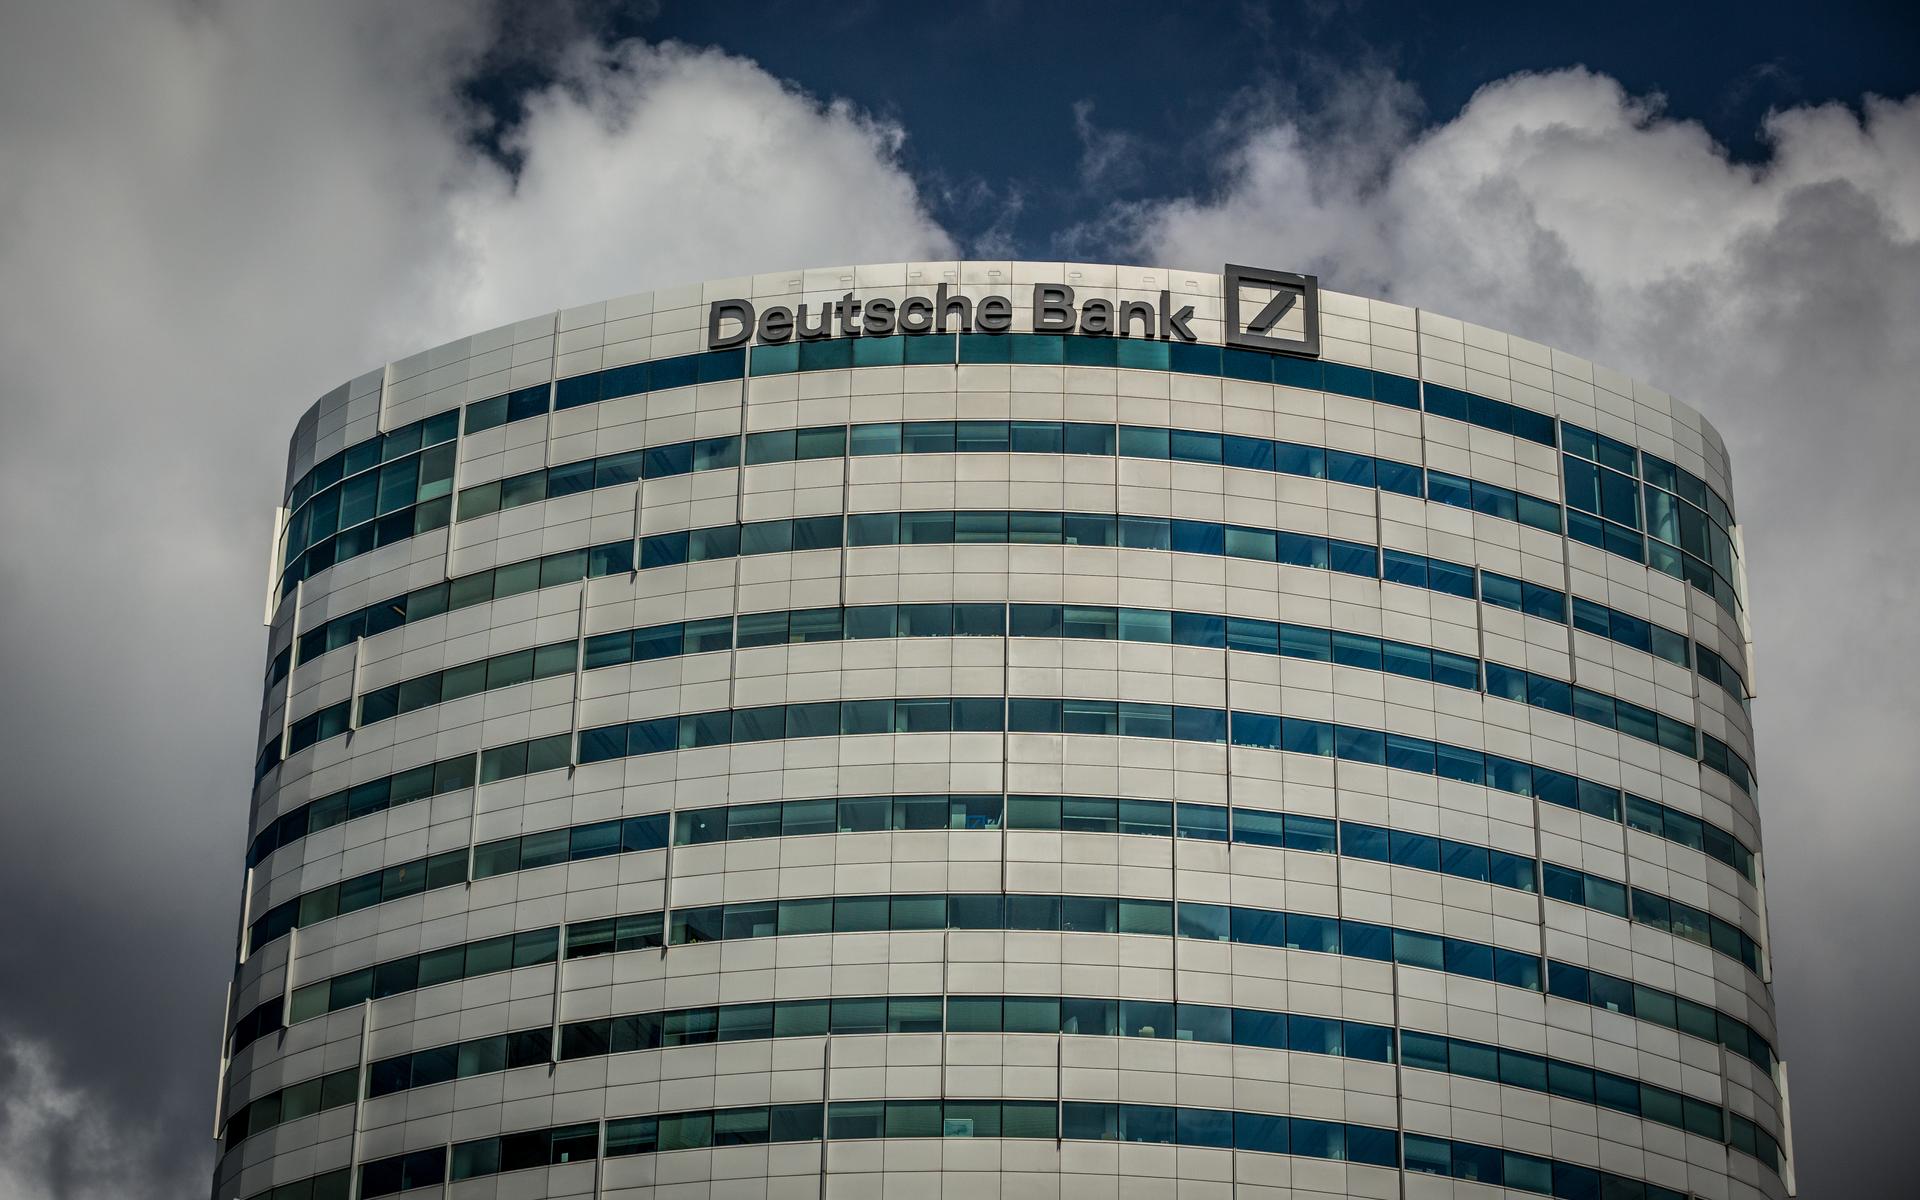 deutsche bank EOS tokenized bond